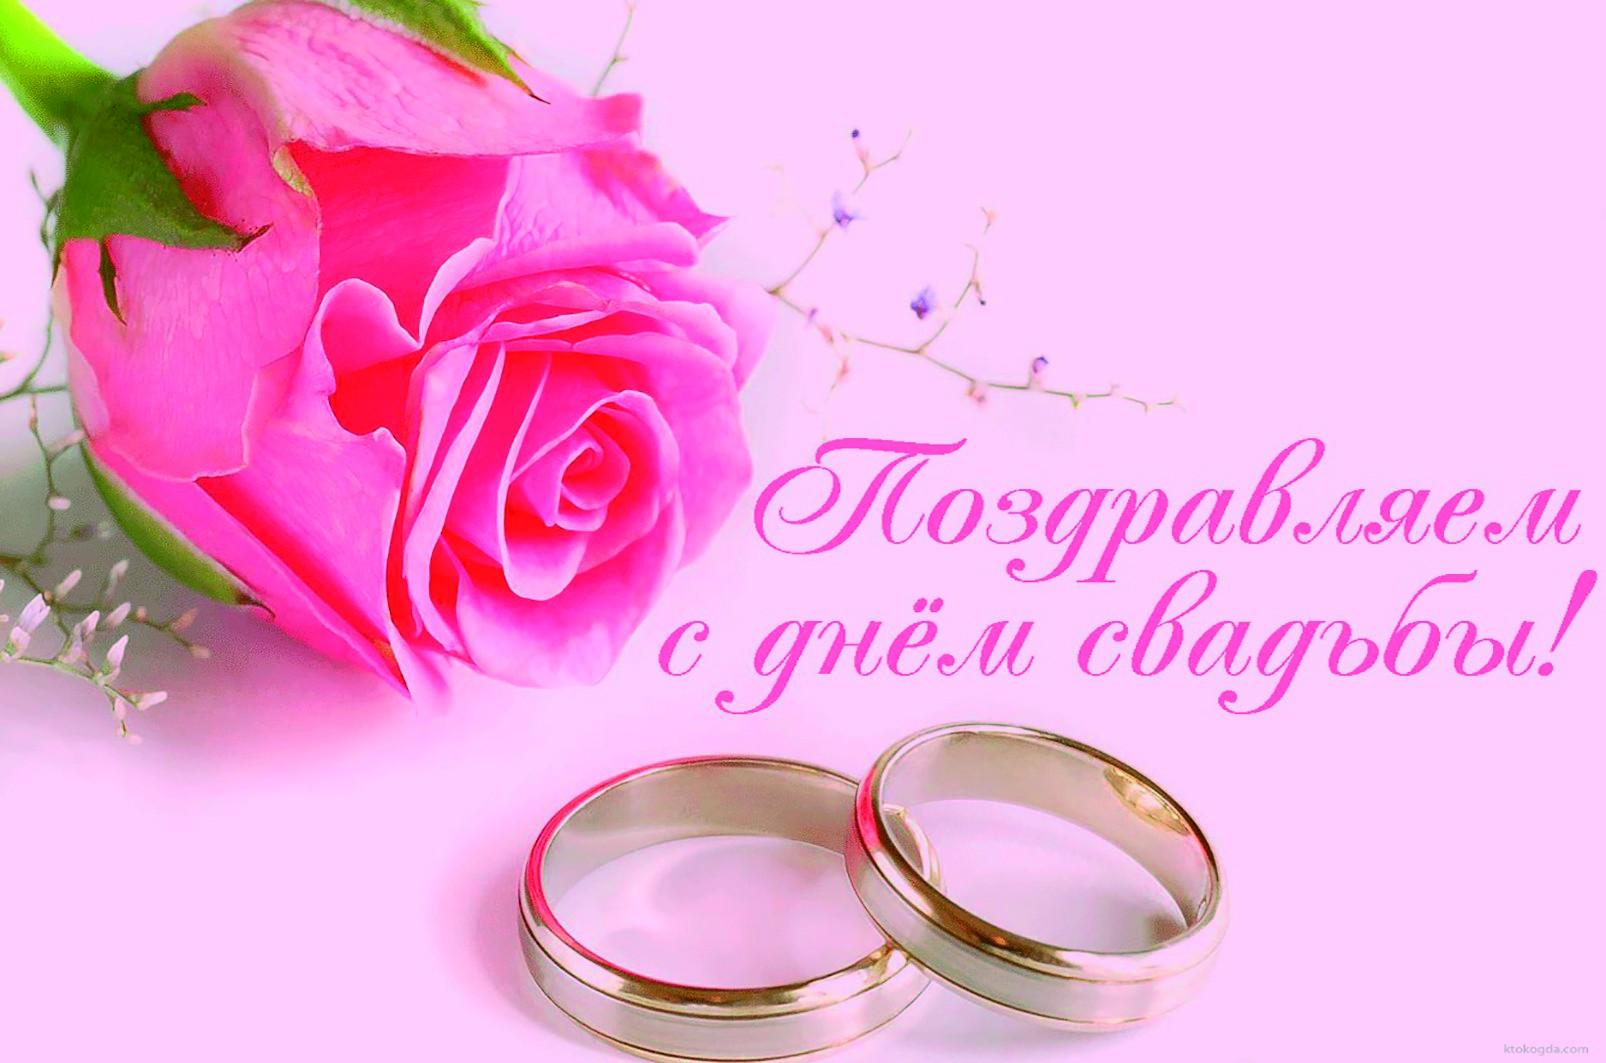 Открытка дата свадьбы, доброго